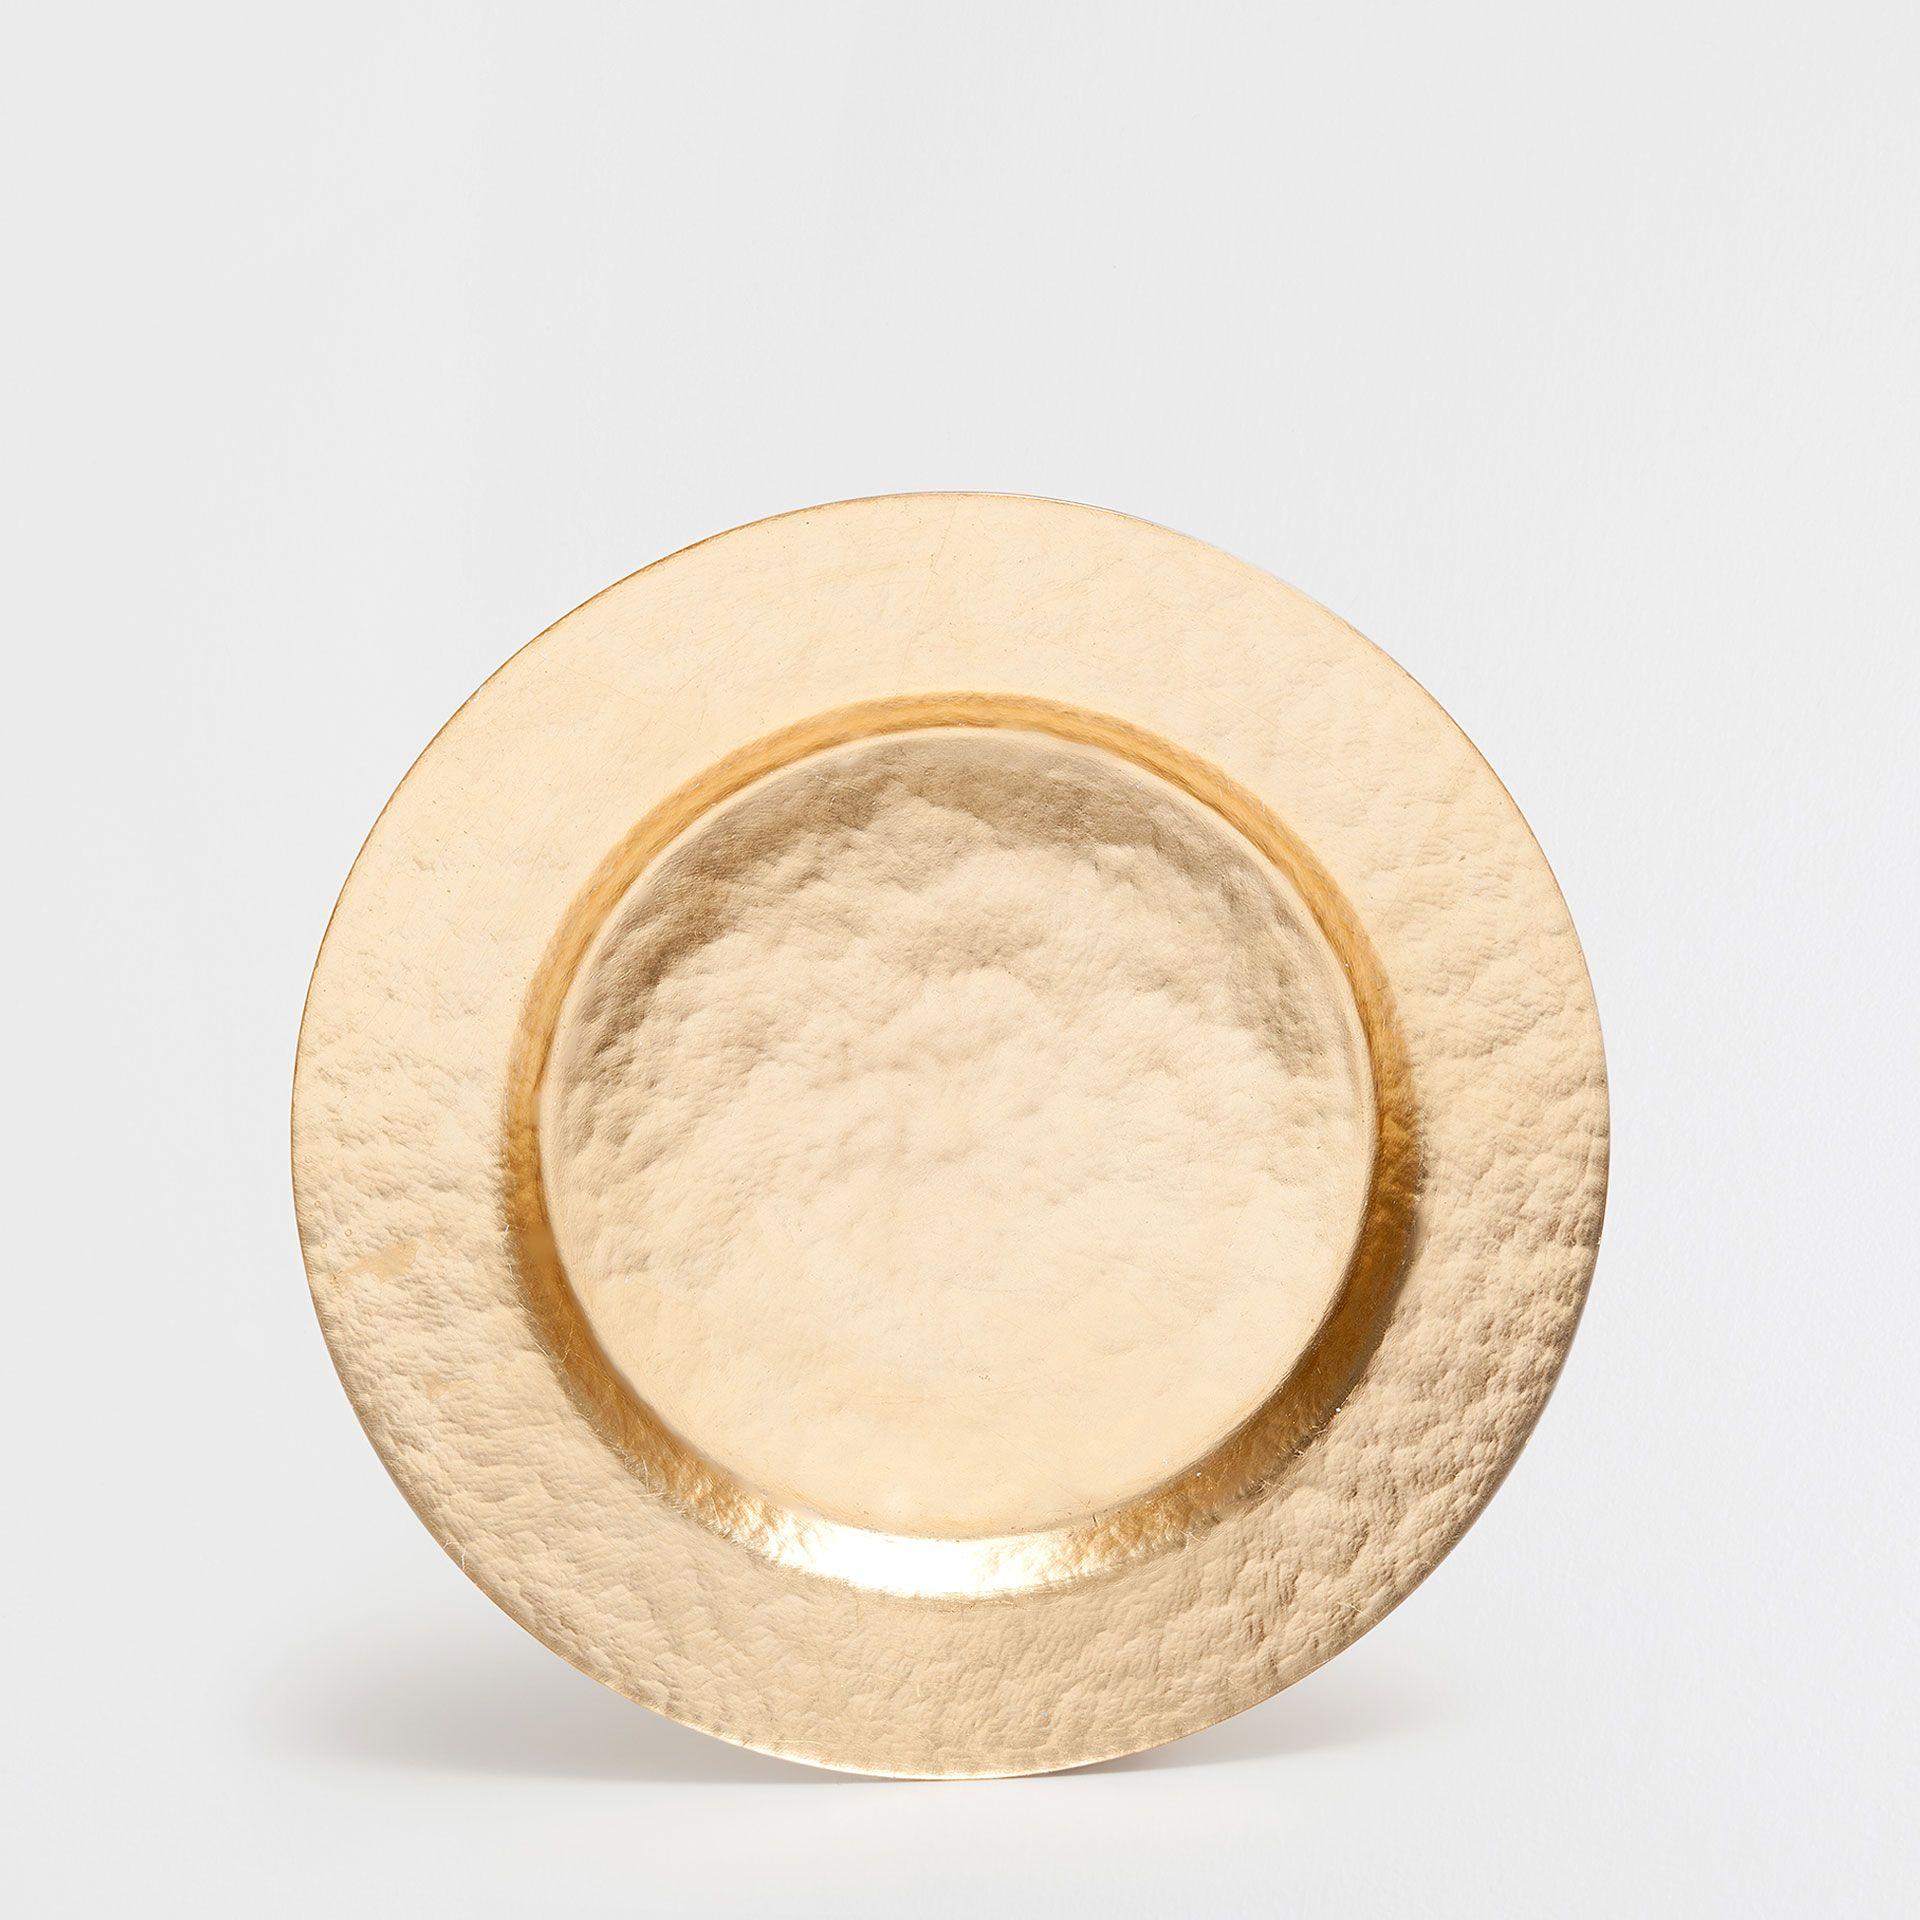 Bajo plato vidrio dorado bajoplato mesa zara home - Zara home es ...